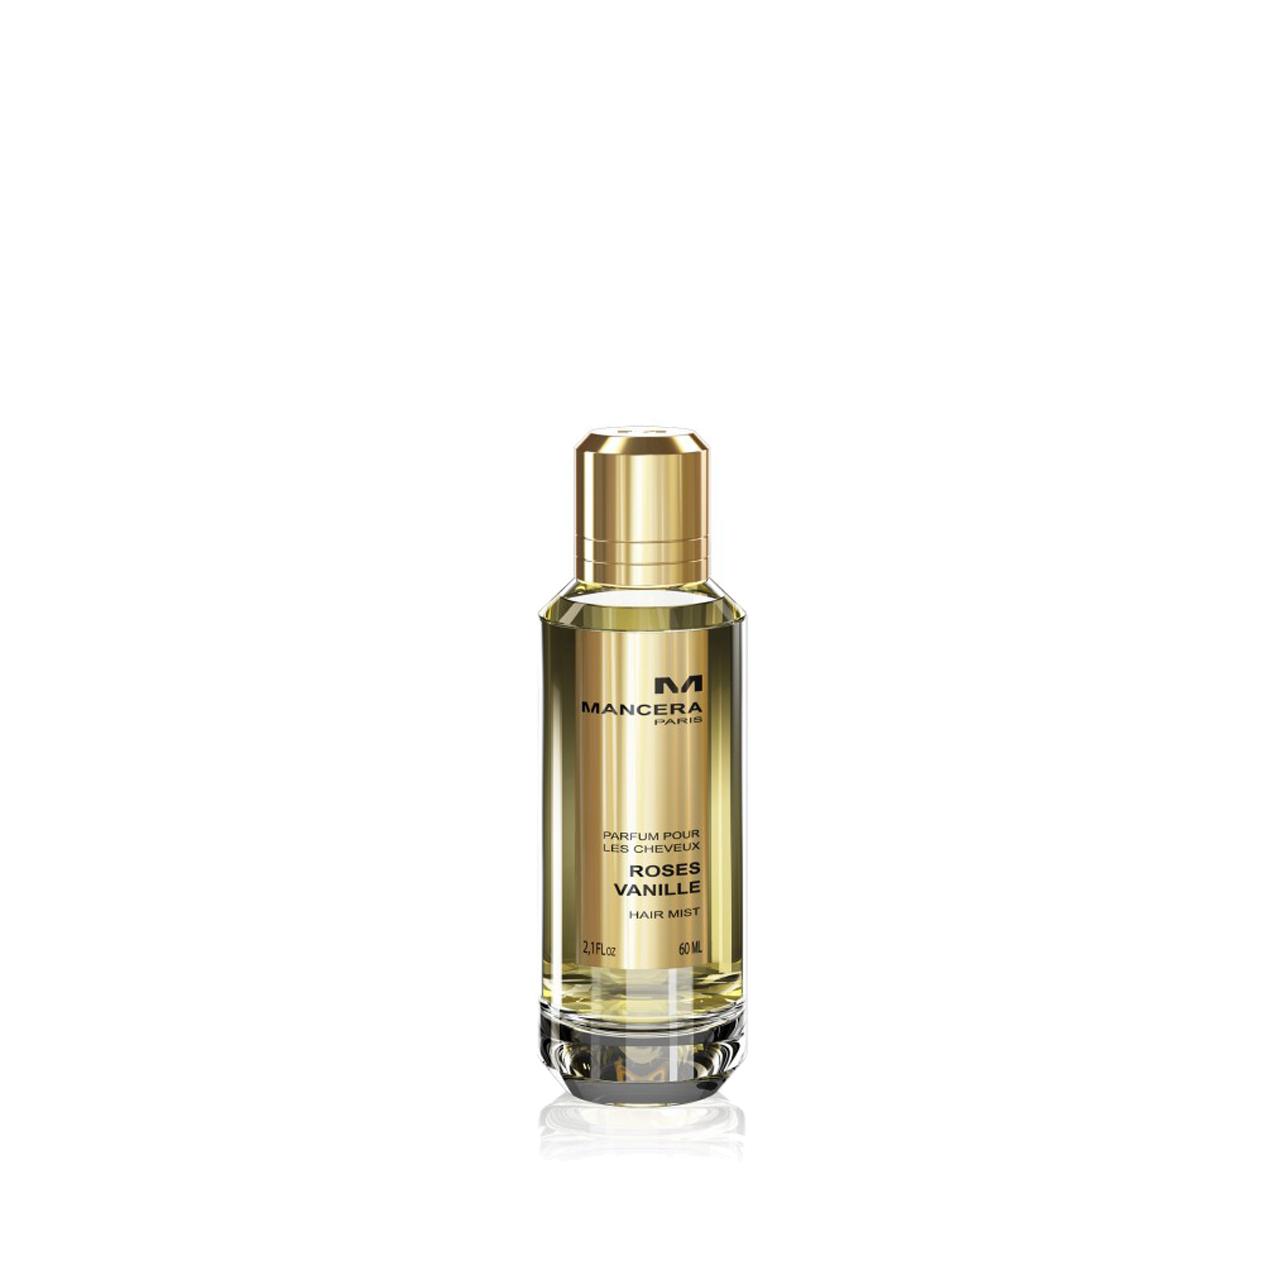 Roses Vanille - Eau de Parfum